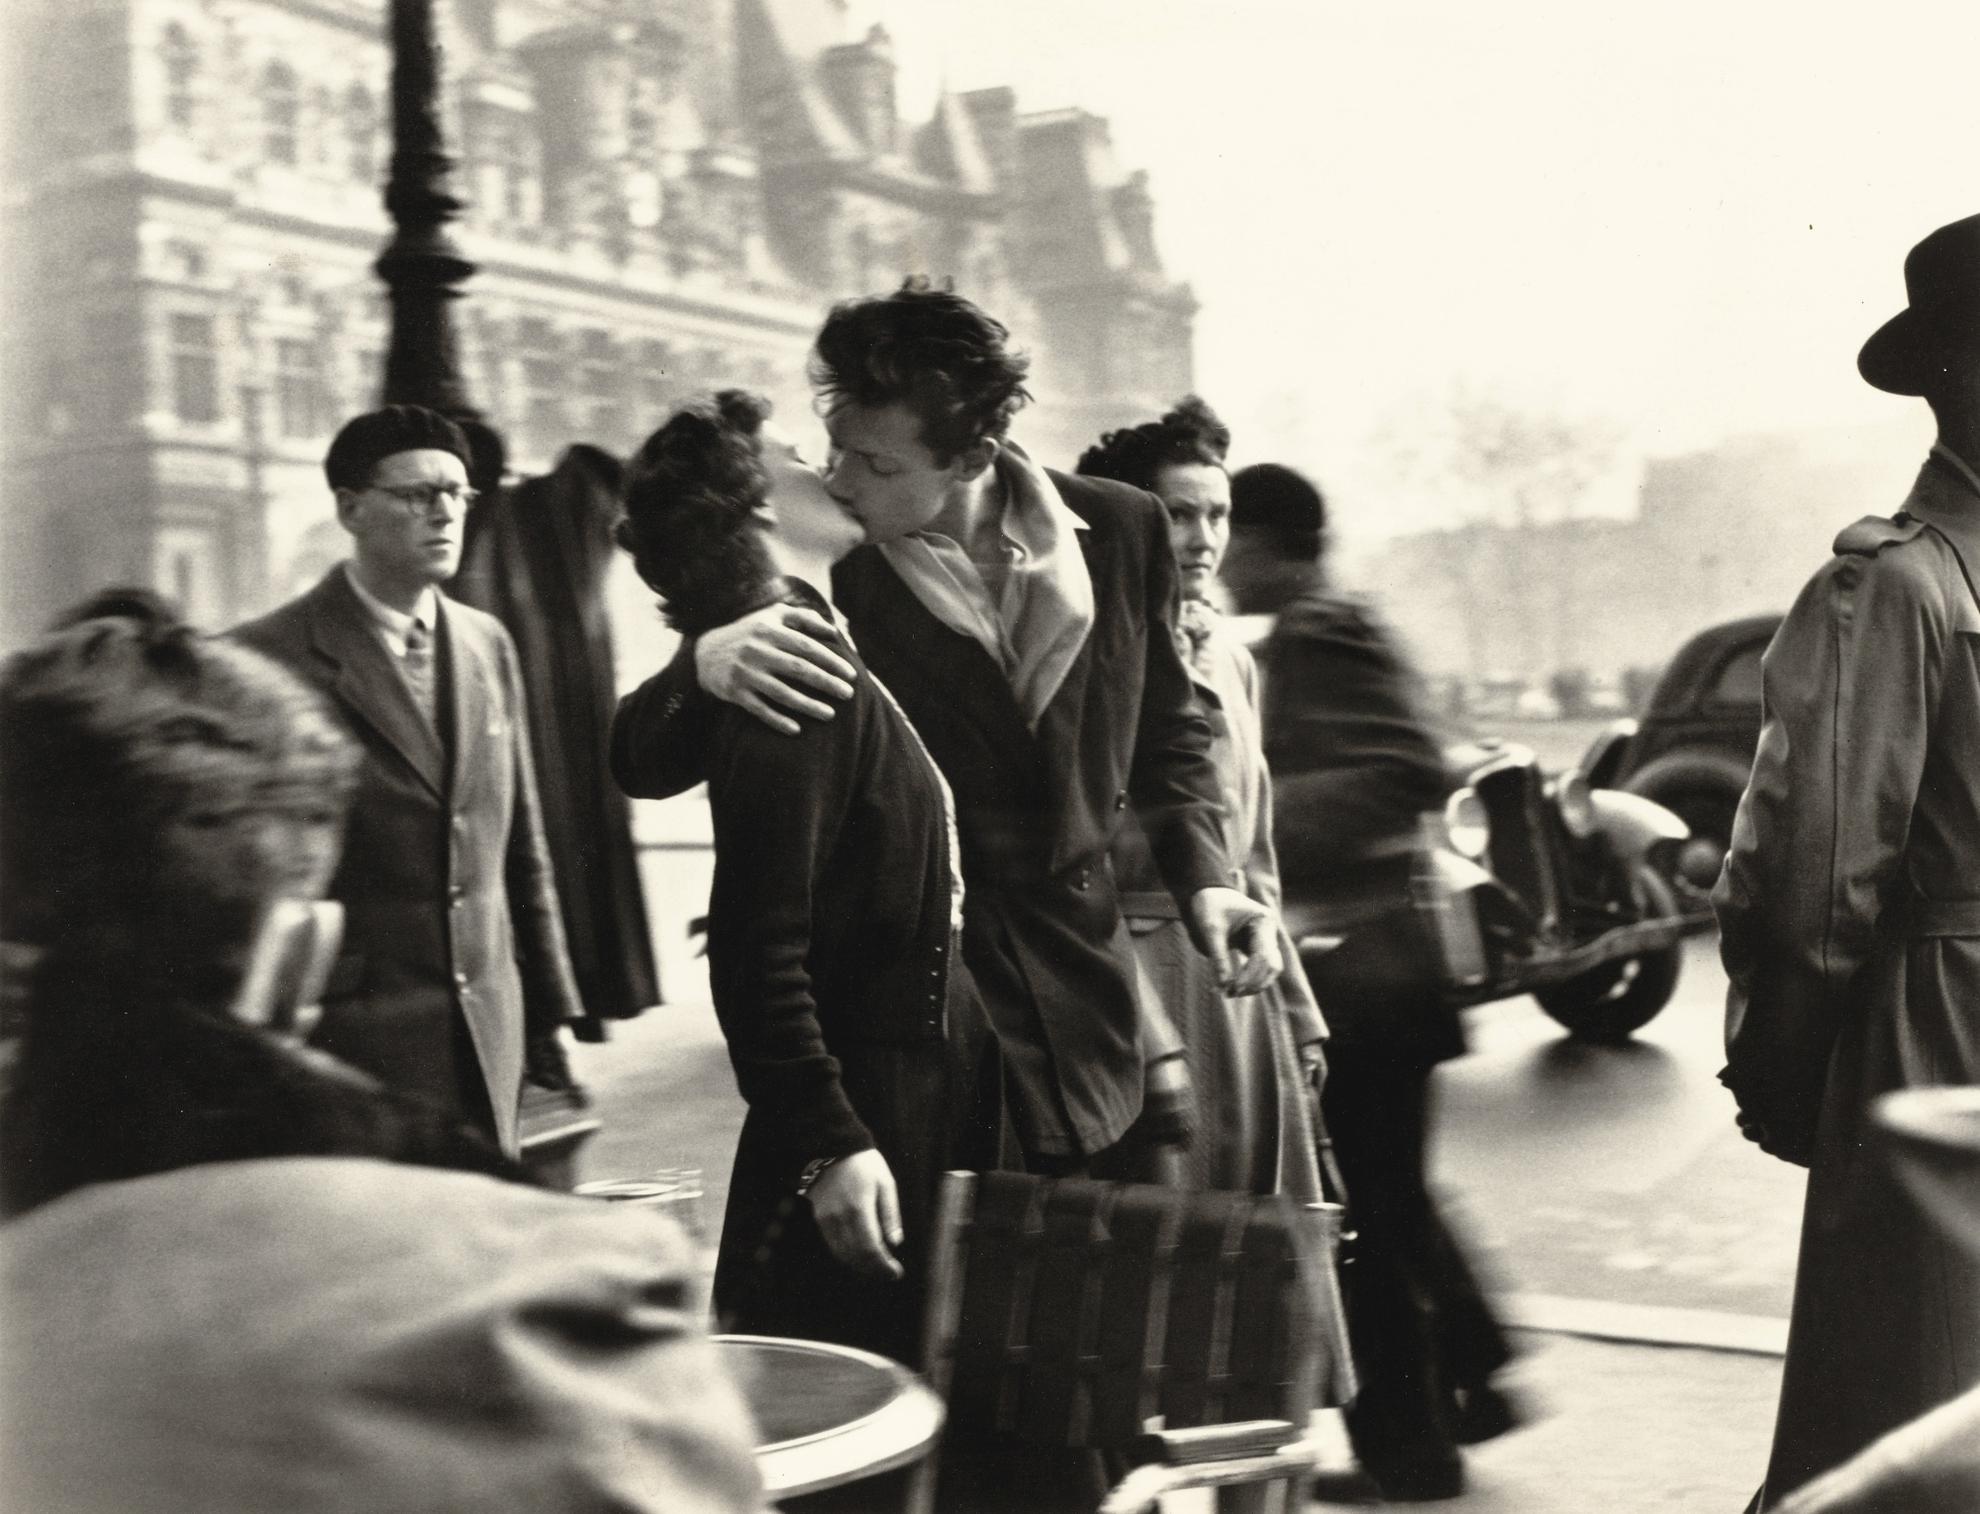 Robert Doisneau-Le Baiser De Lhotel De Ville, Paris-1950